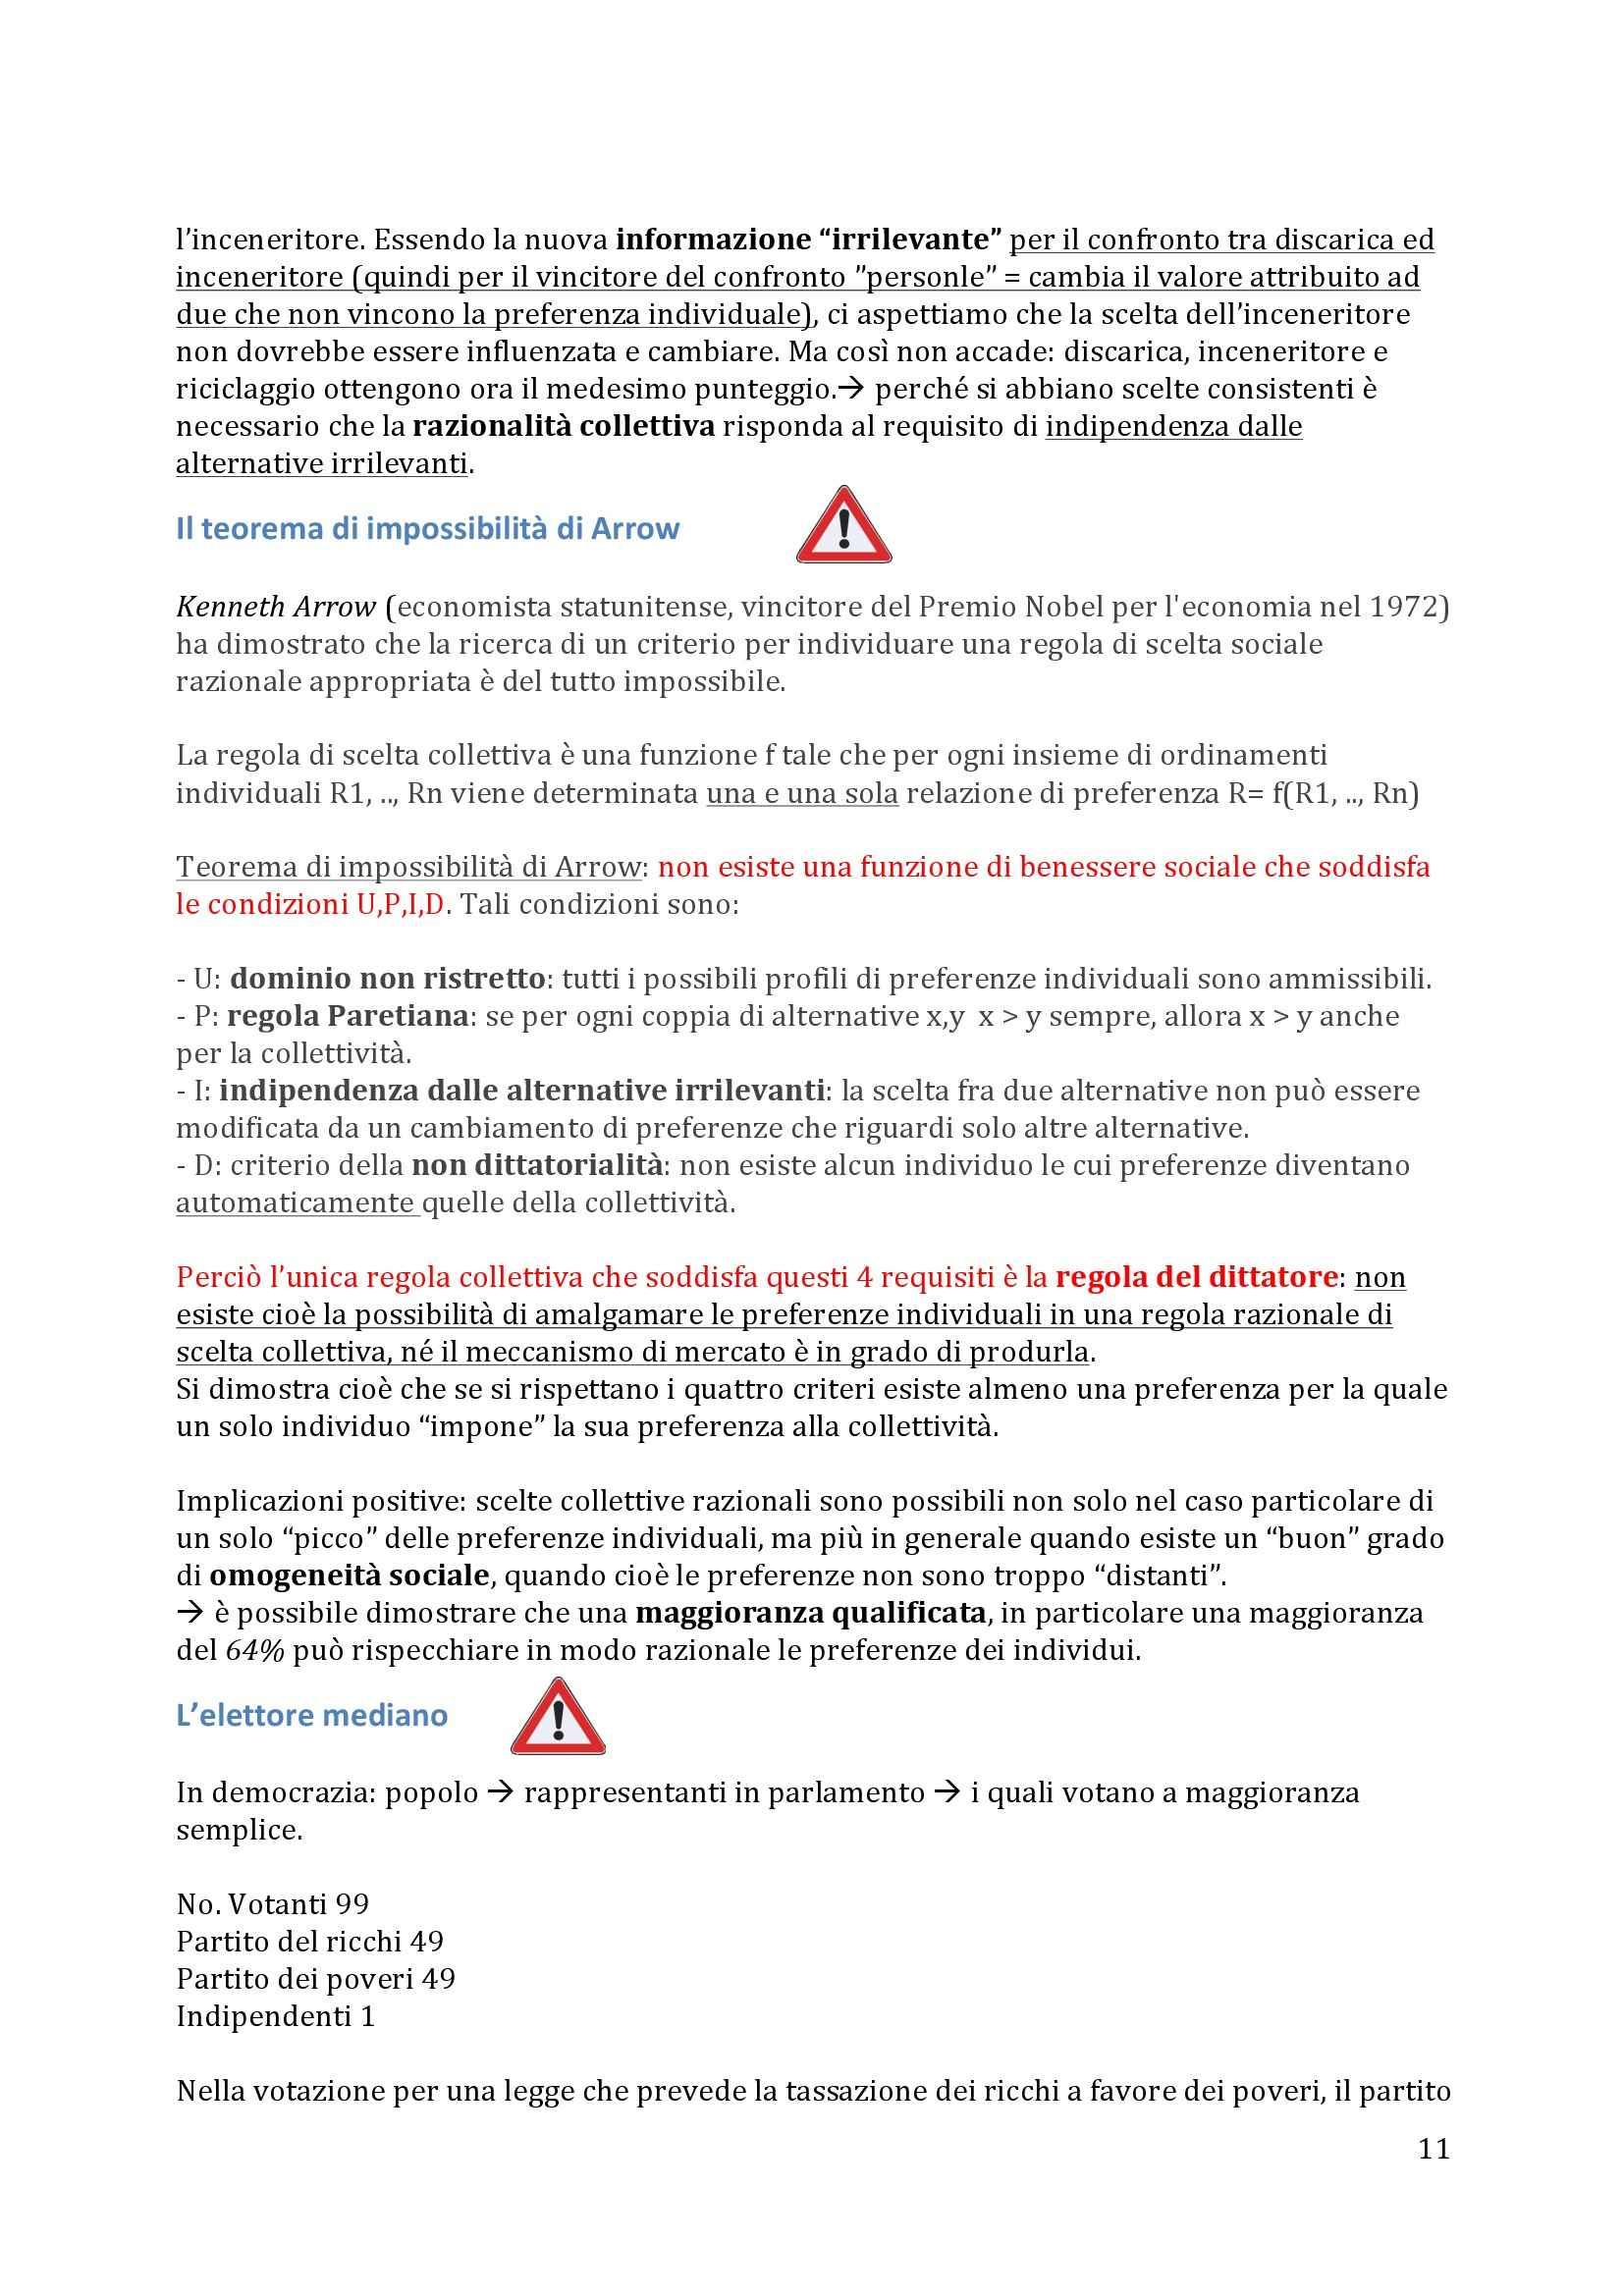 Politica Economica - Appunti (primo parziale) Pag. 11